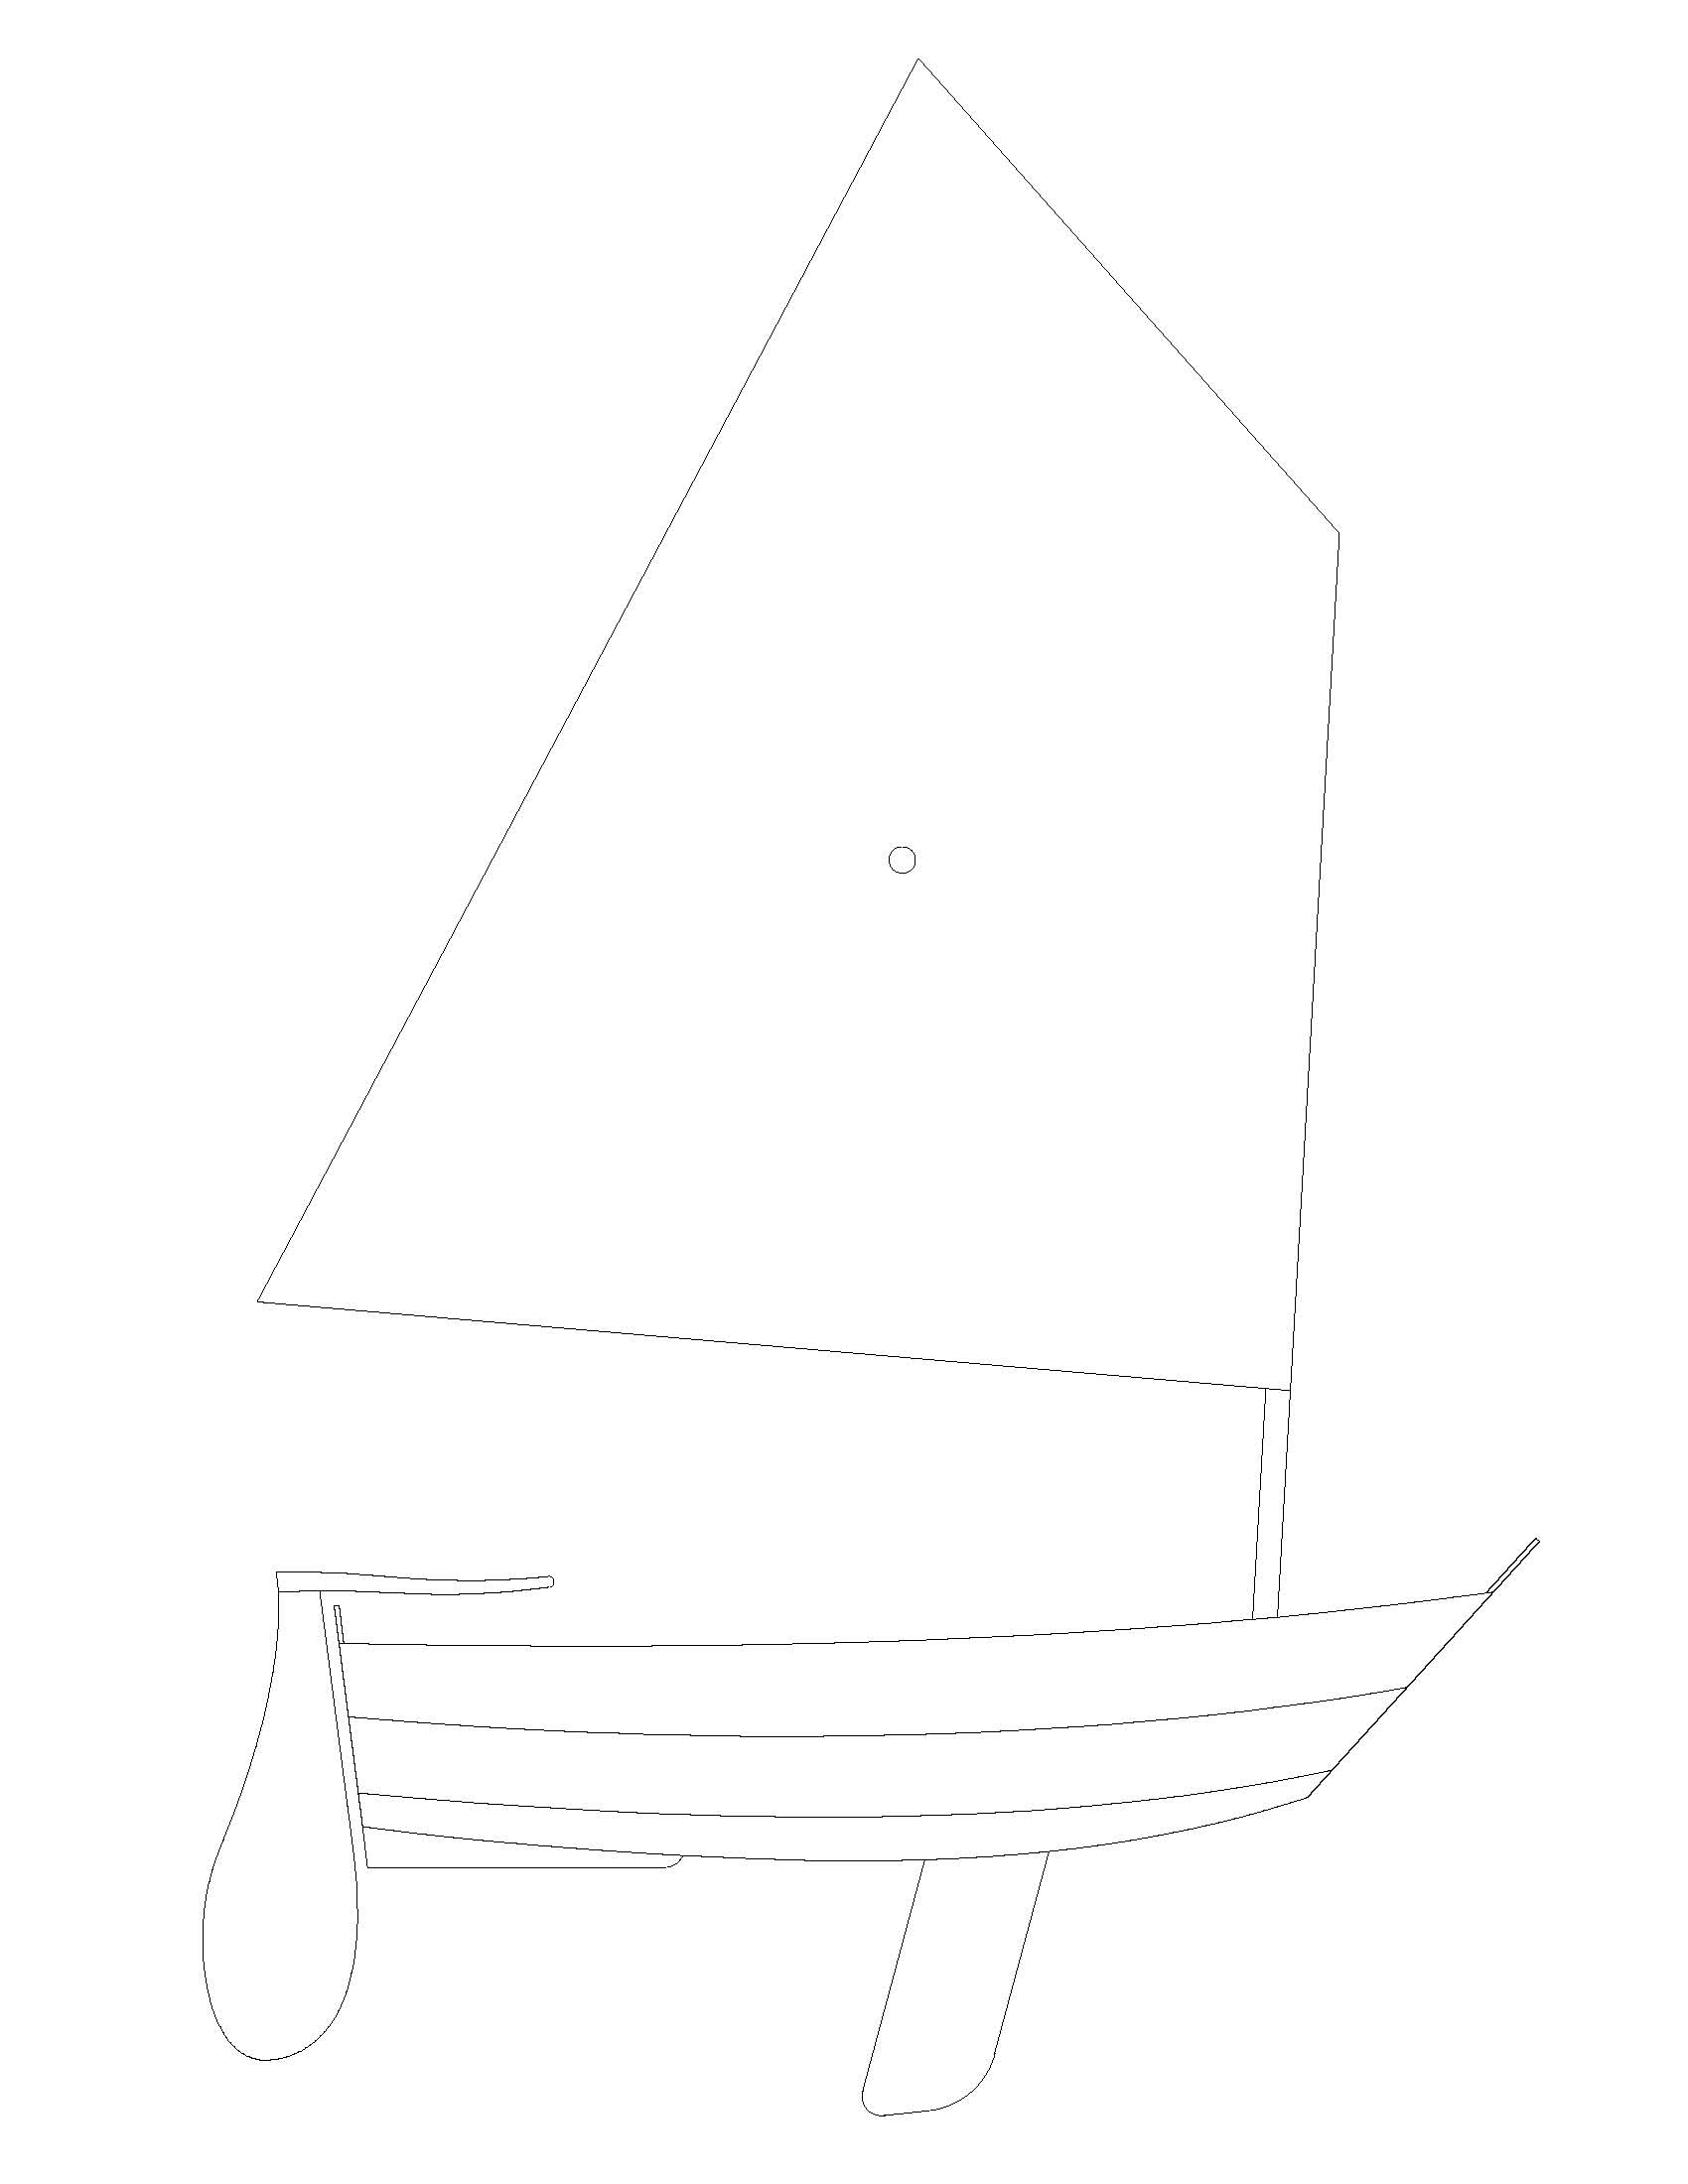 PramBUL8 Outboard Profile